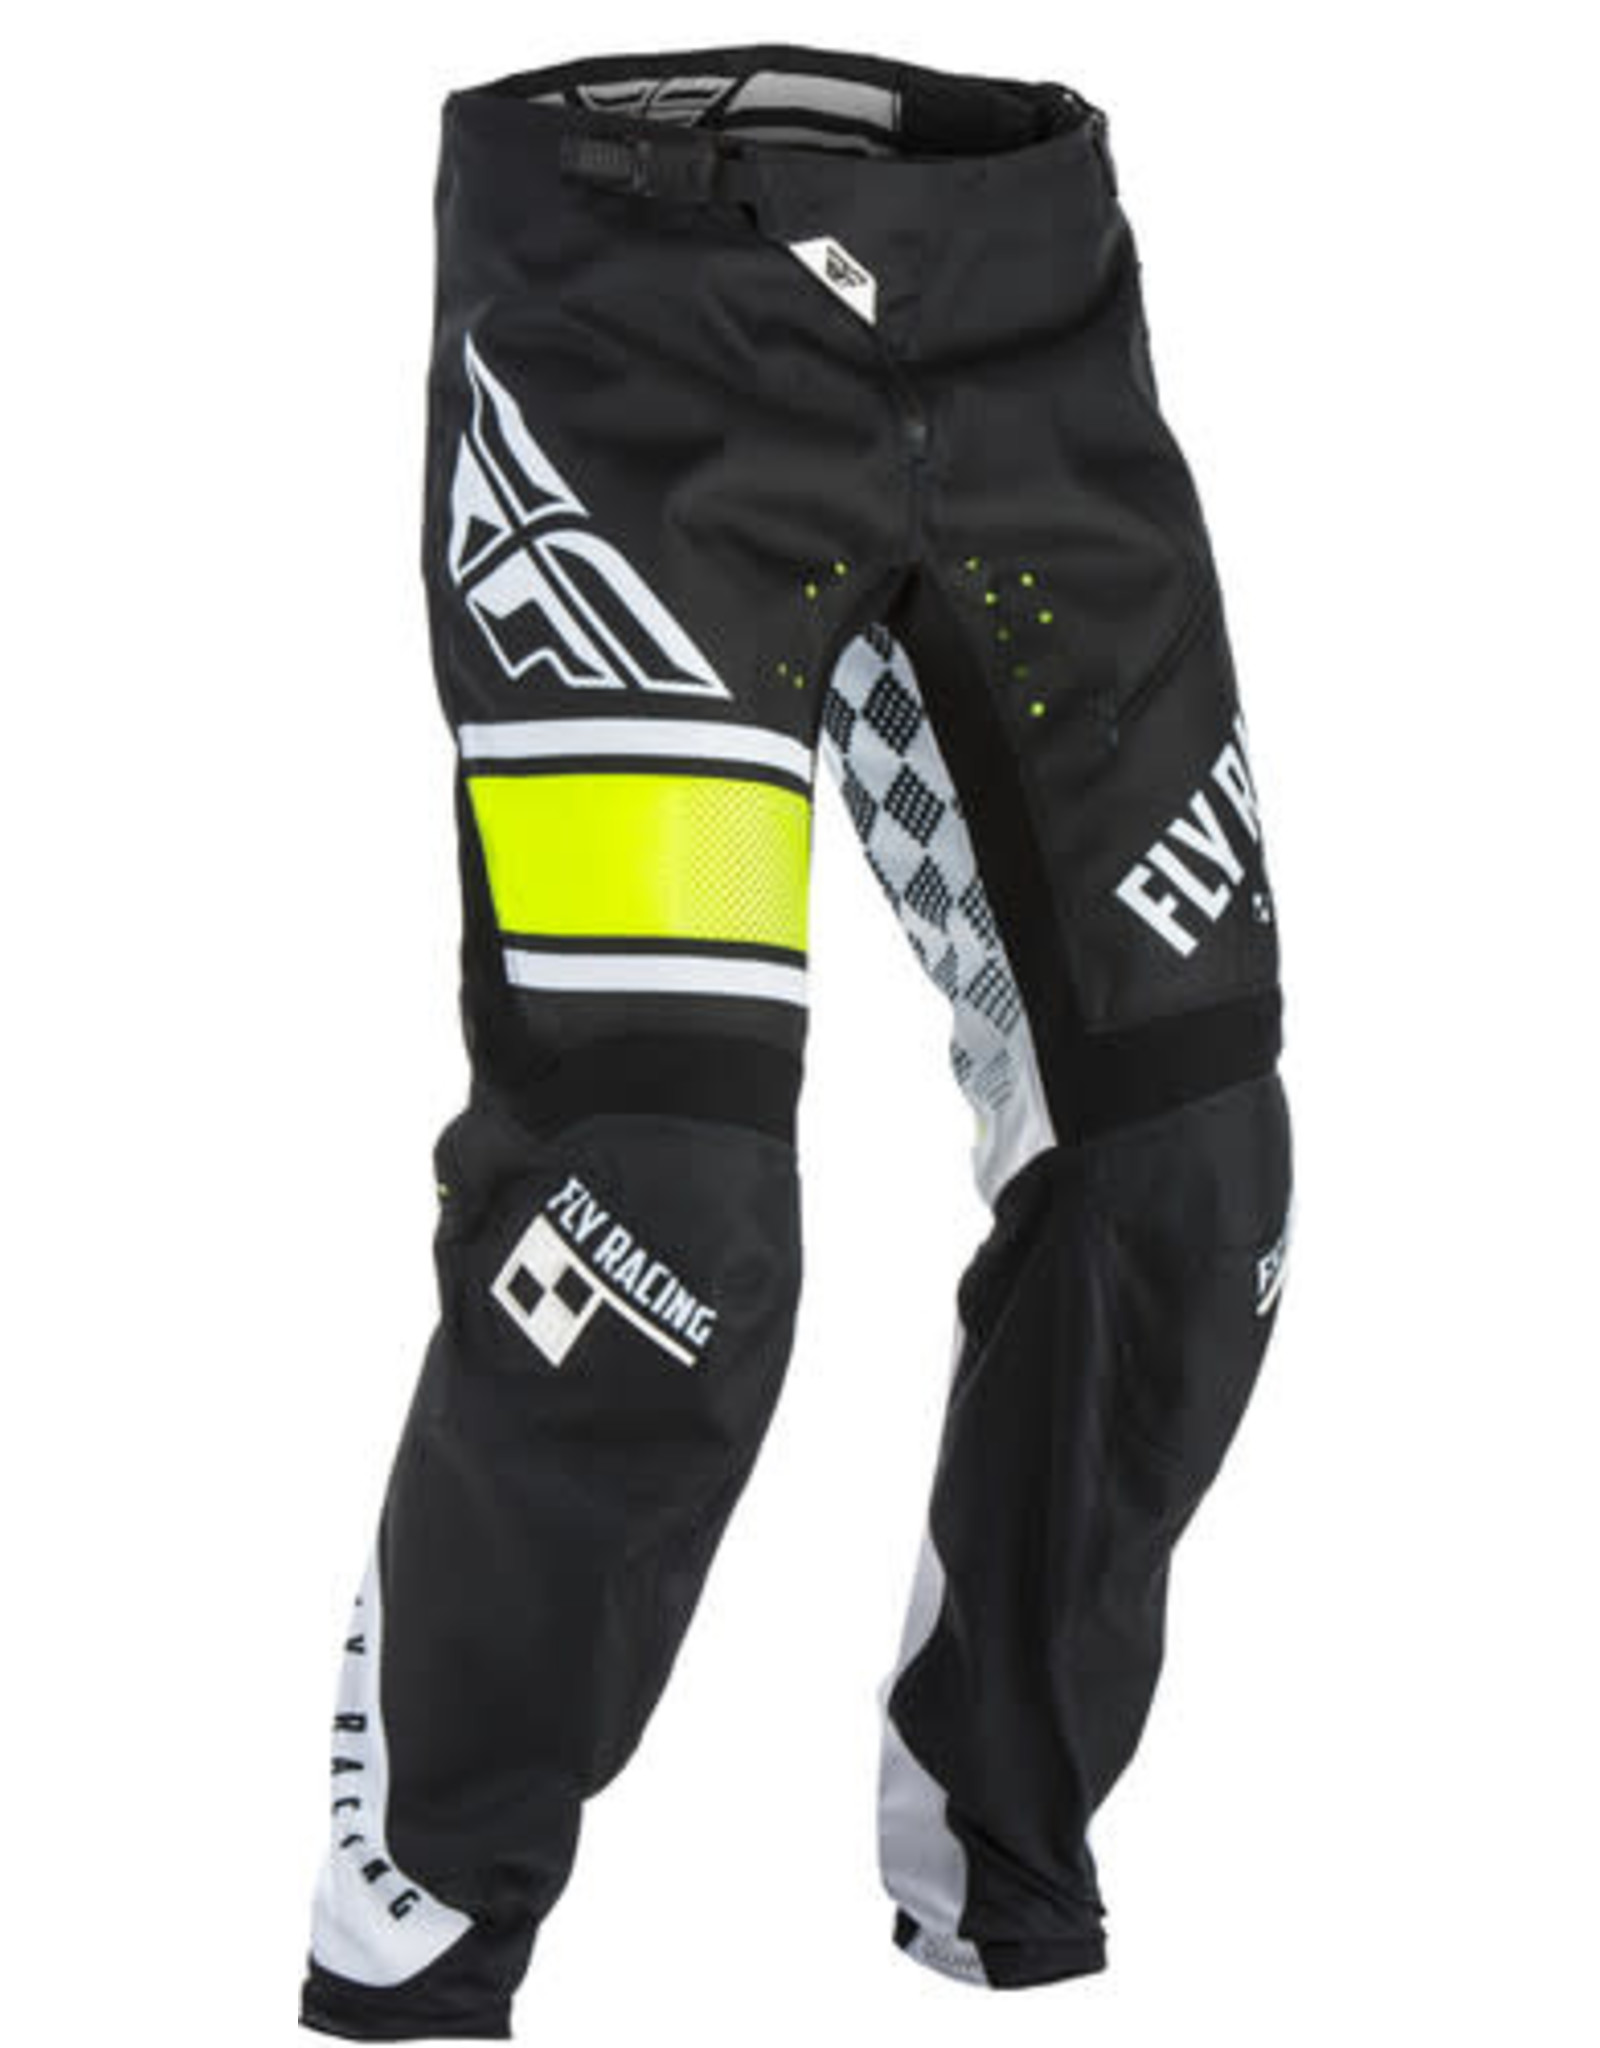 FLY RACING Fly Racing Kinetic Bicycle Pants